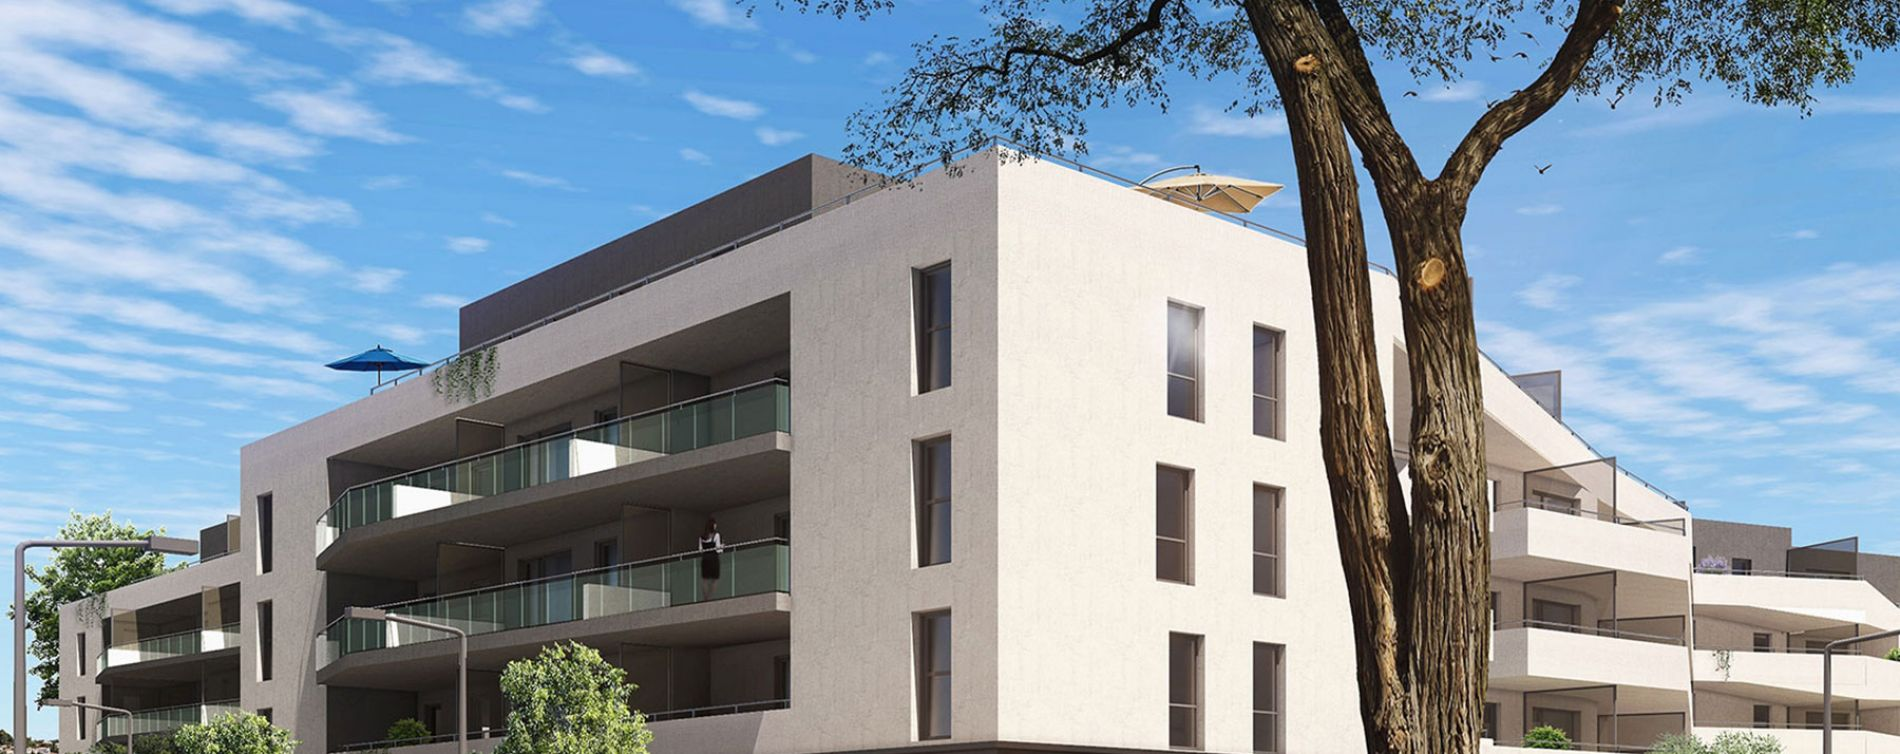 Juvignac : programme immobilier neuve « Oxalis Bât D et E » (4)